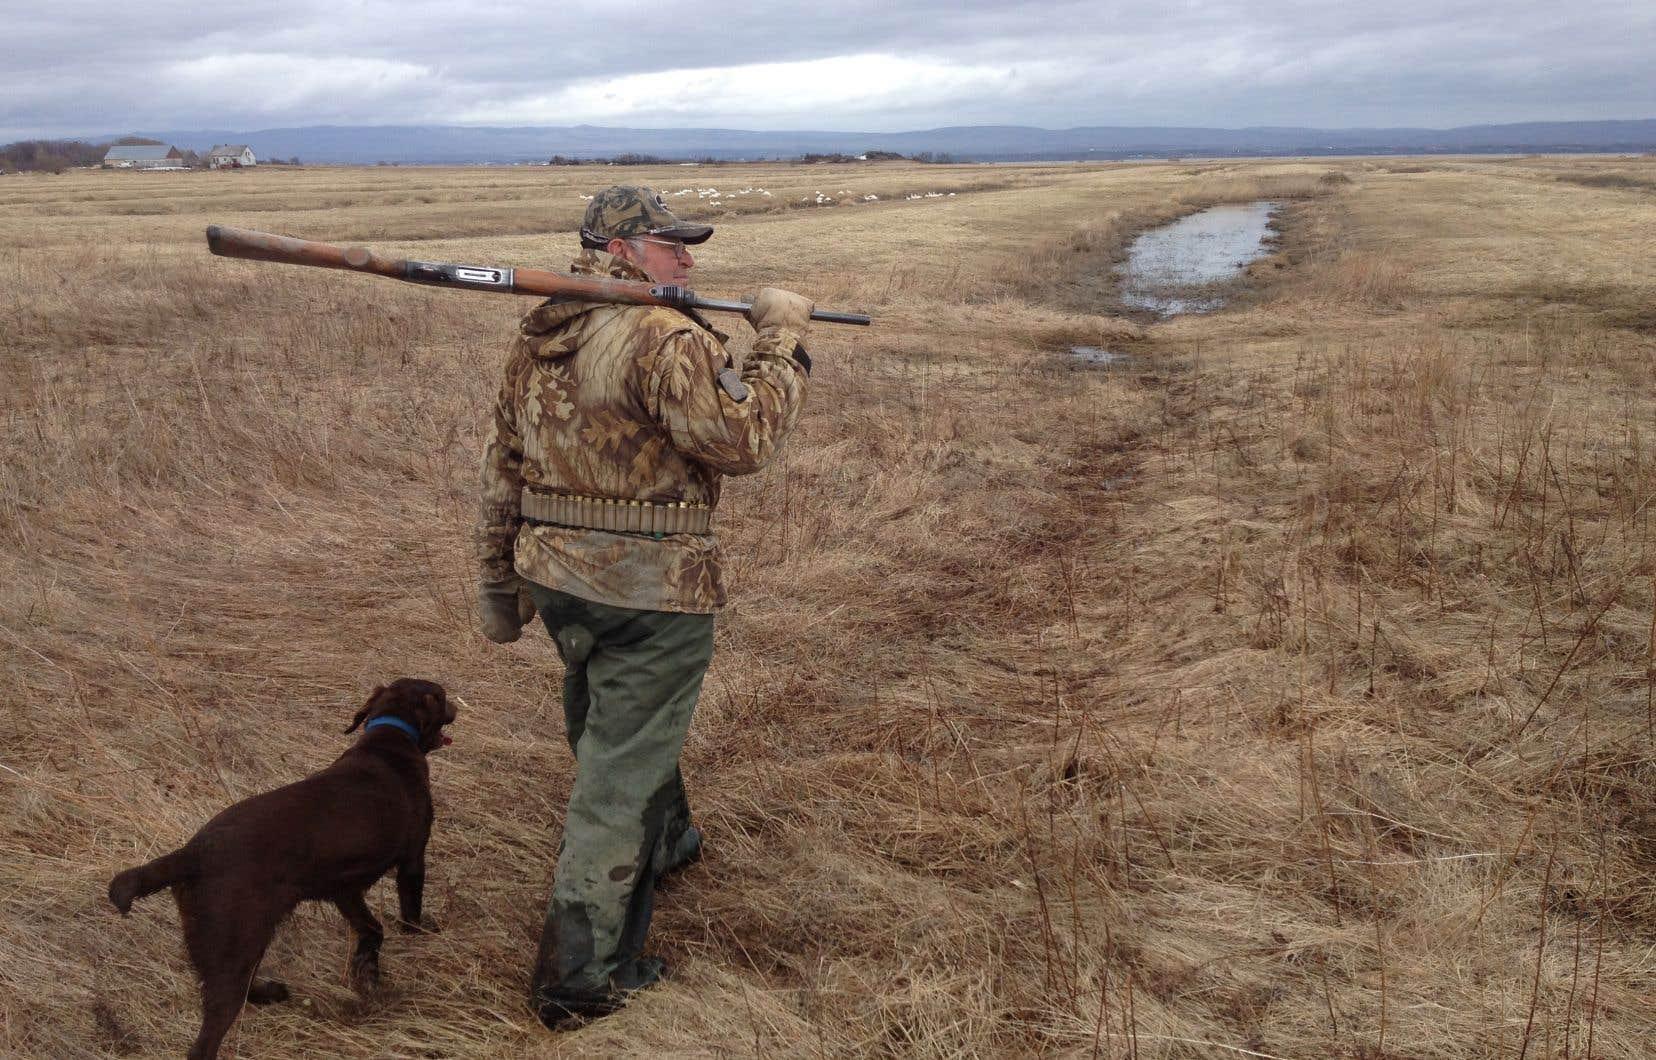 Guide de chasse depuis l'âge de 14ans, Gilles Gagné est né et a grandi dans la maison des Prairies hautes, de l'Île-aux-Oies.